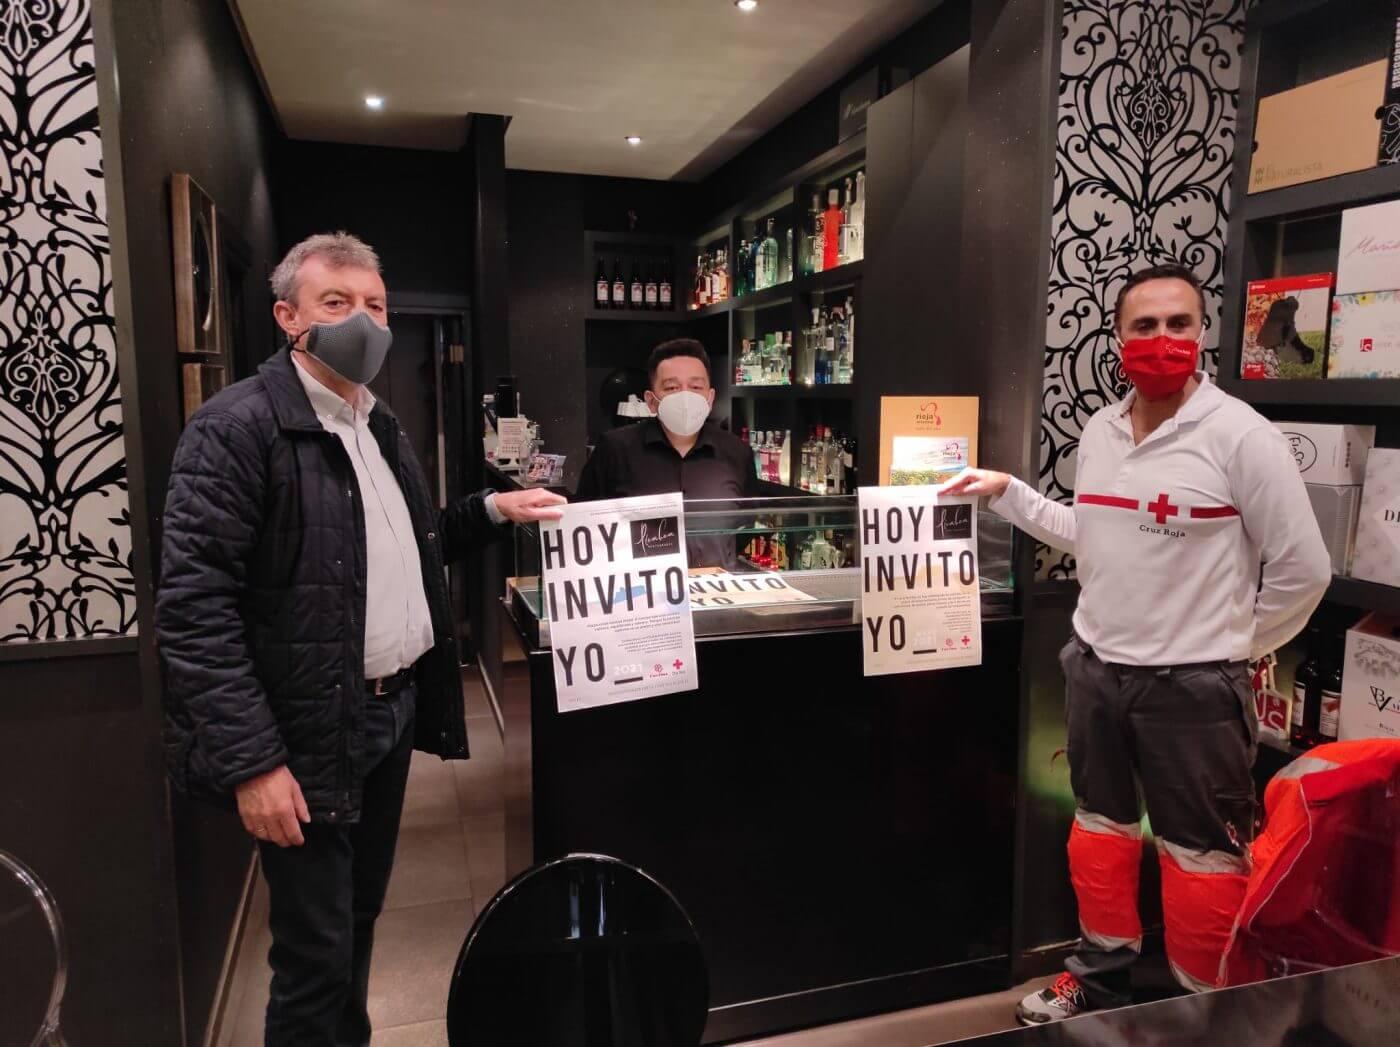 El restaurante Picabea de Arnedo lanza la campaña solidaria 'Hoy invito yo'